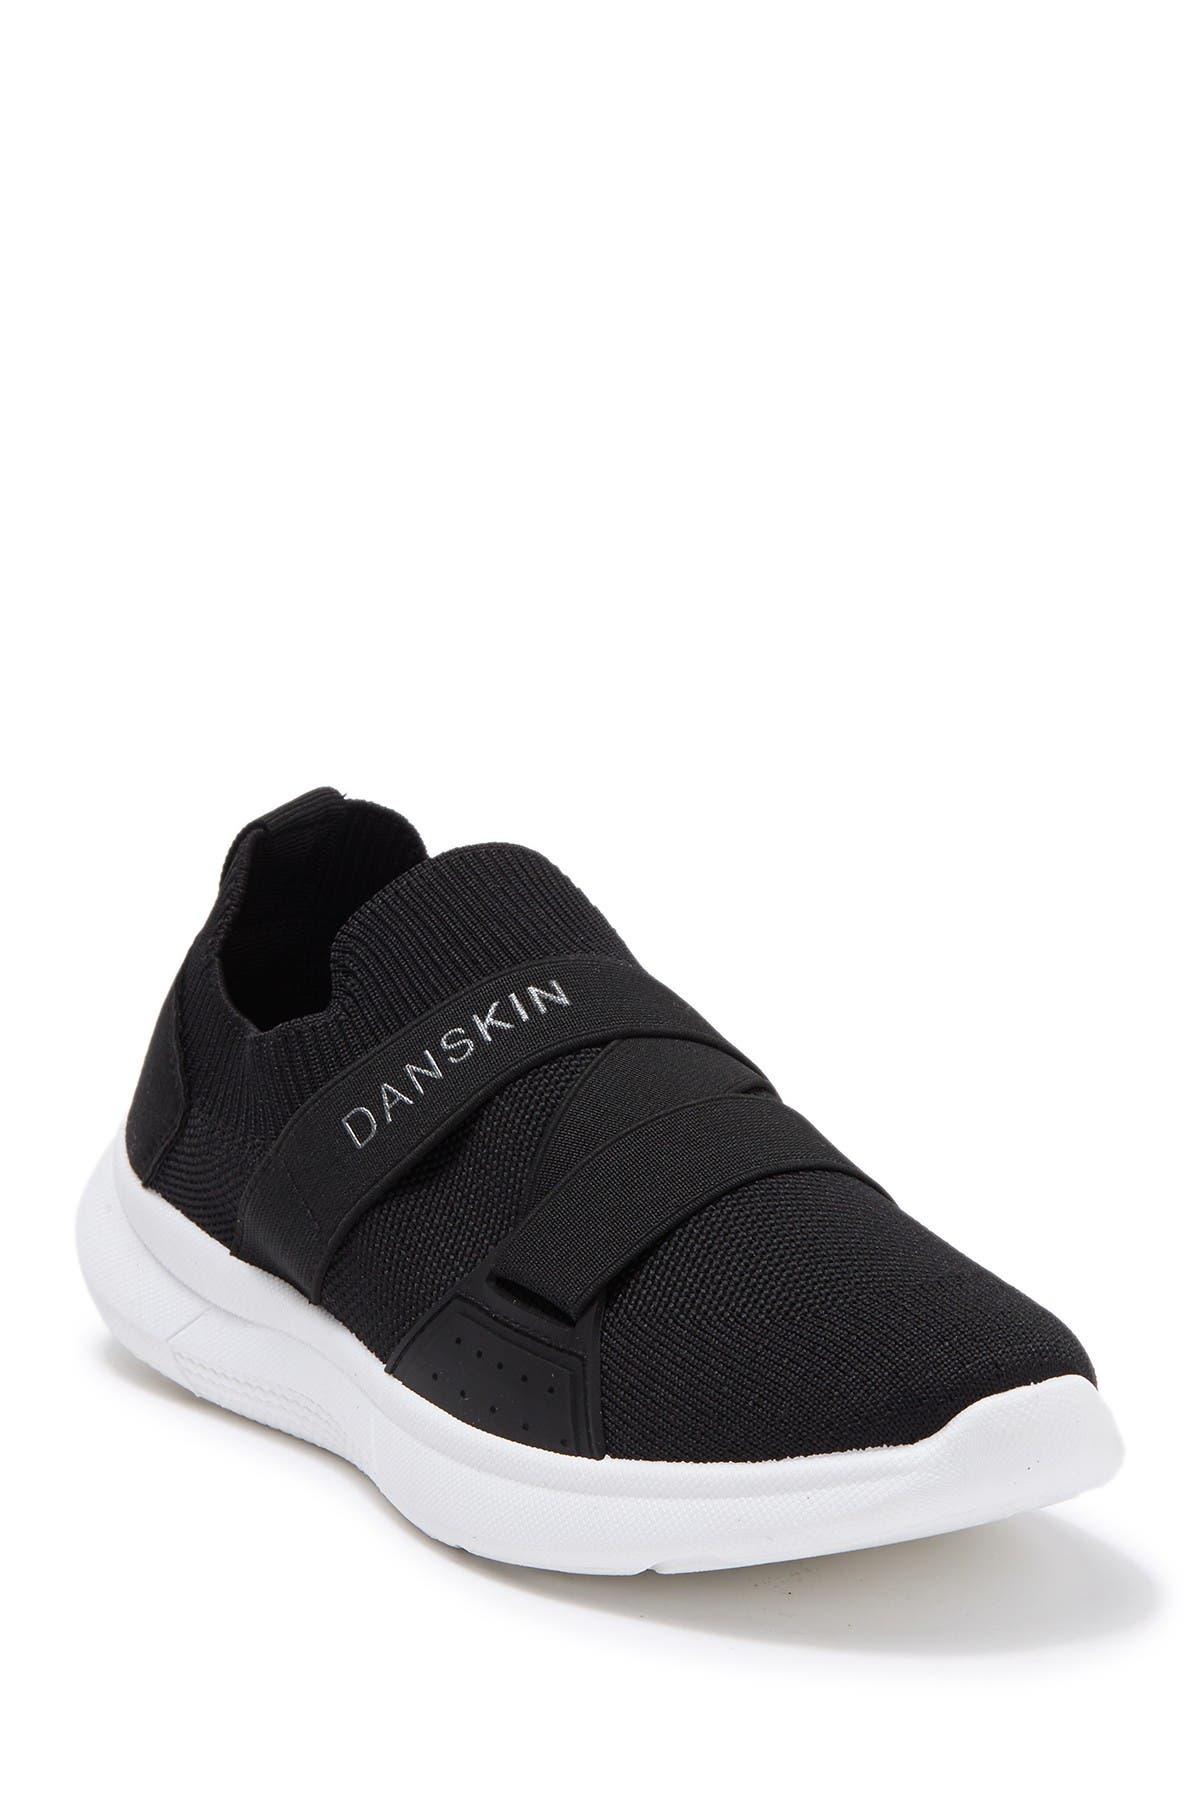 Image of DANSKIN Sock Knit Cross Band Slip-On Sneaker